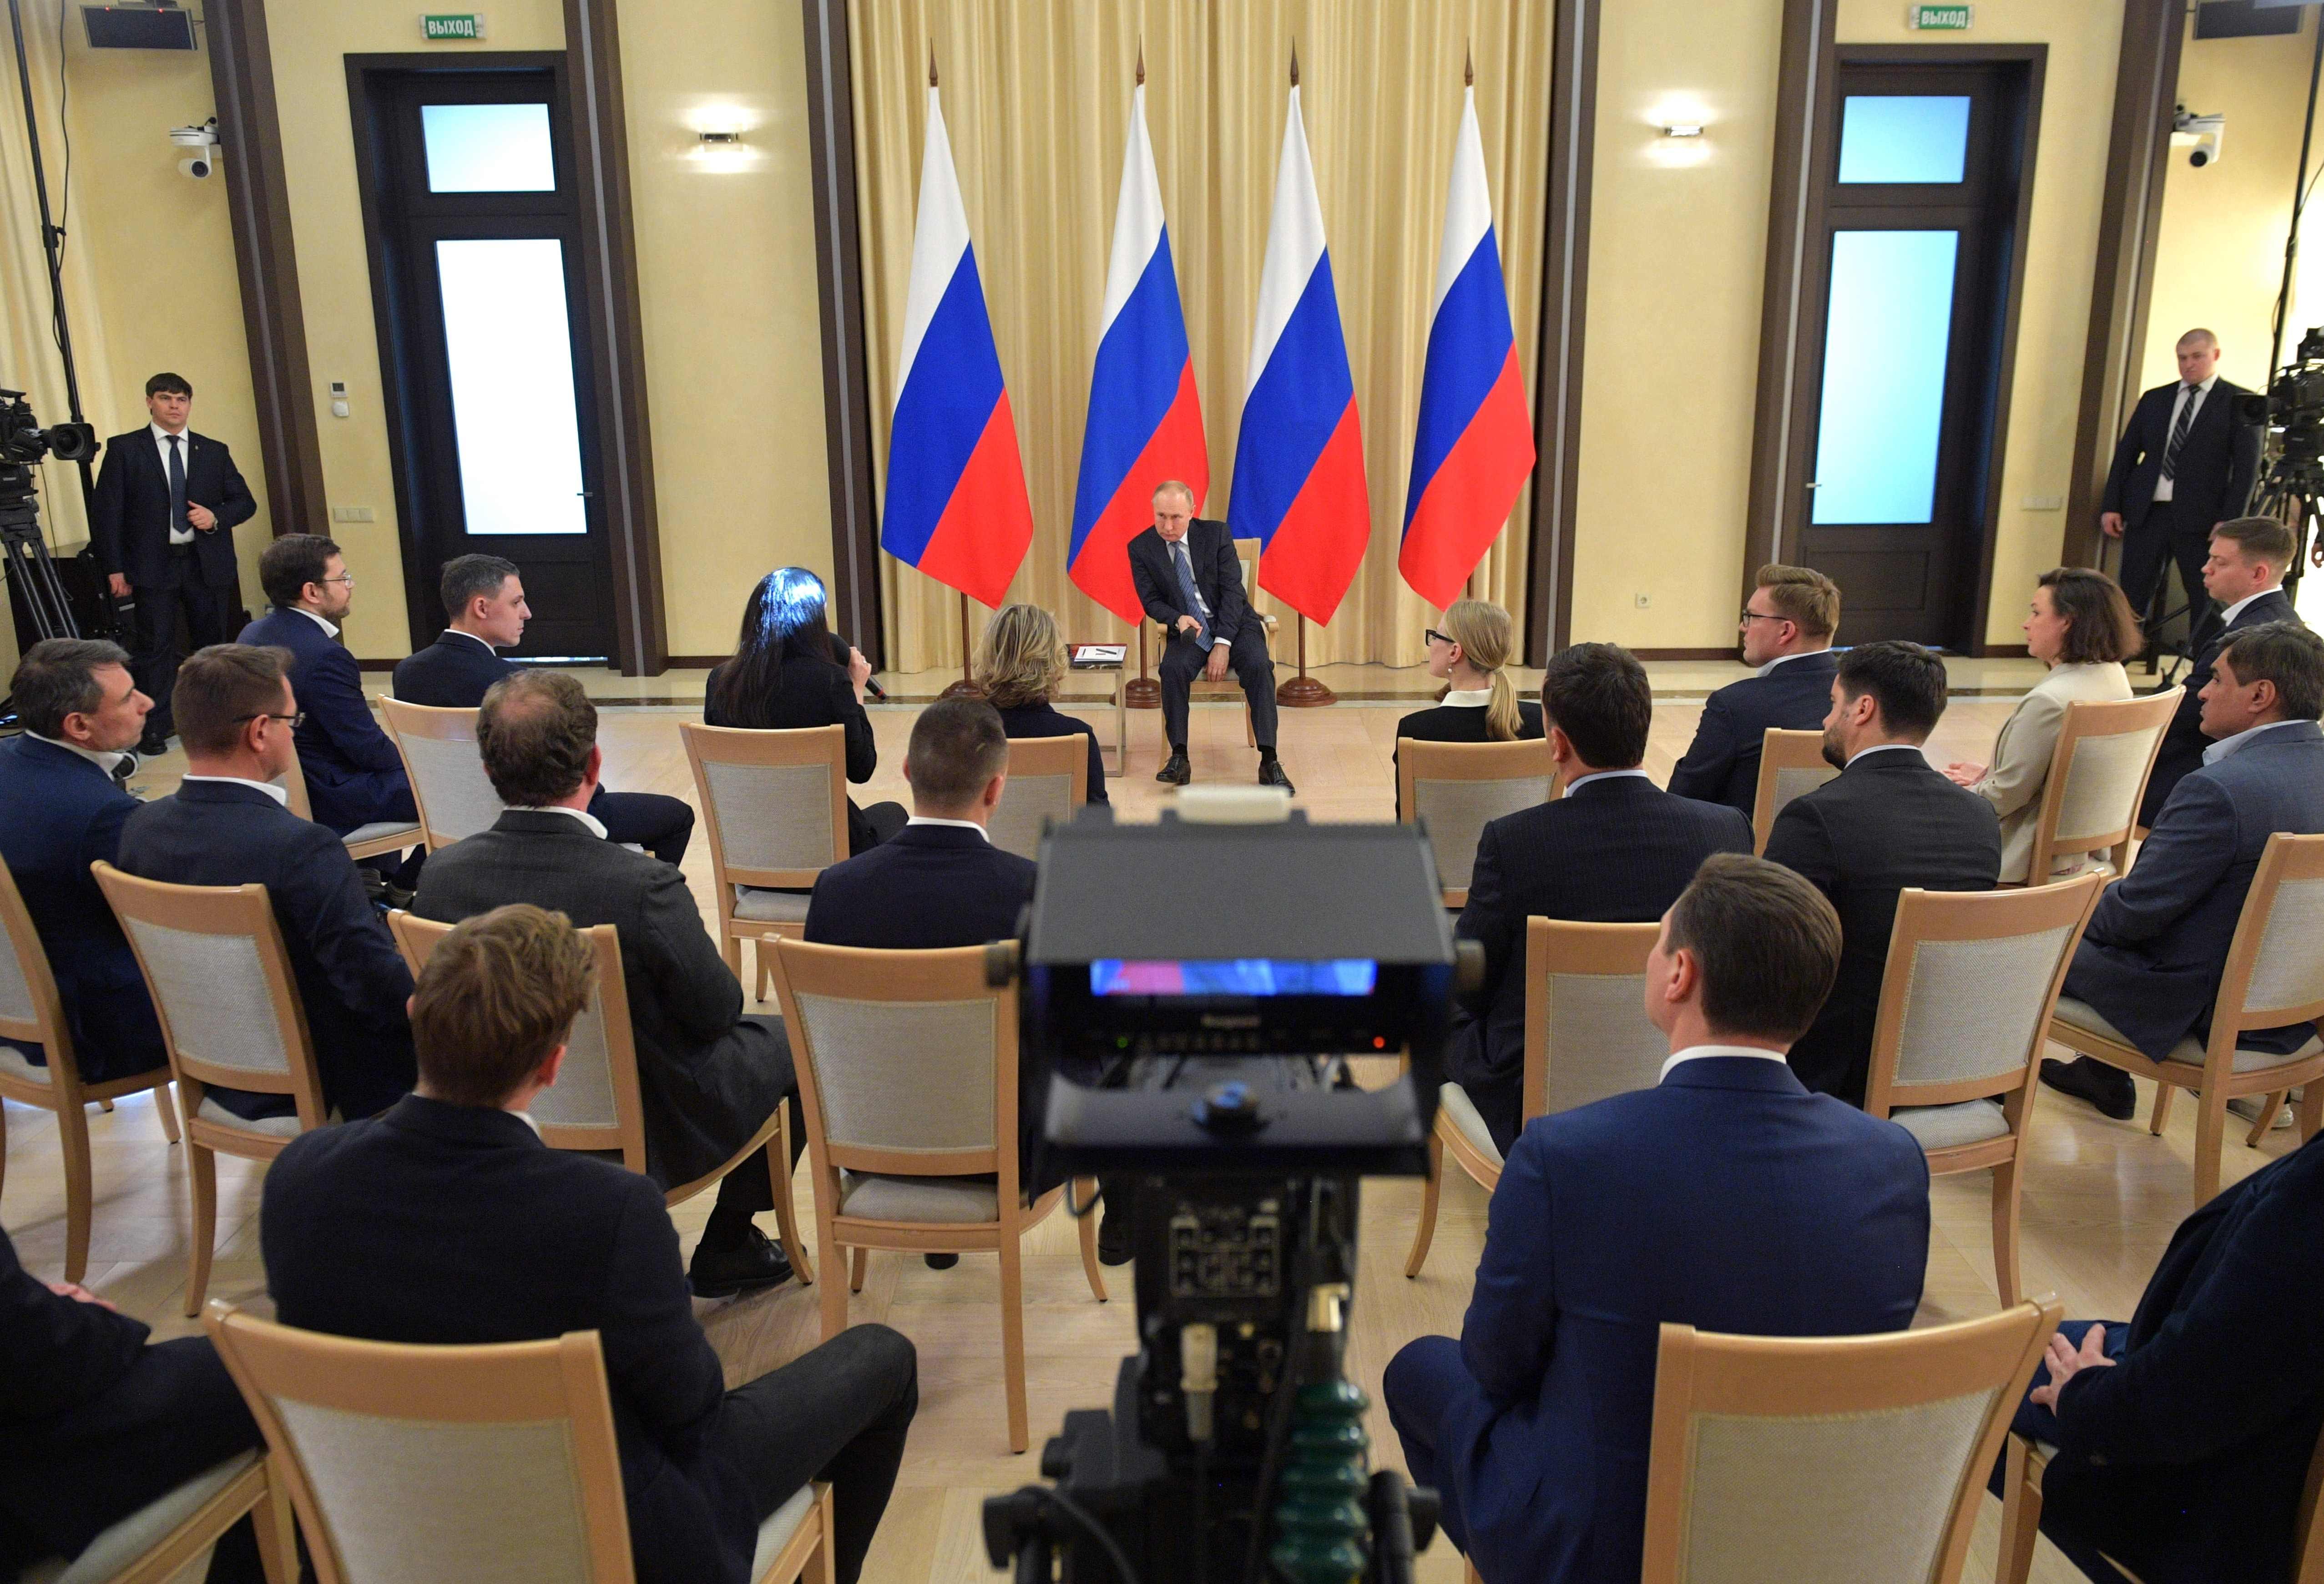 القيصر في لقاء بالكرملين مع مستثمرين روس، لكن الأوليغارشية المالية لتلك البلاد جاءت من بطانة بوتين